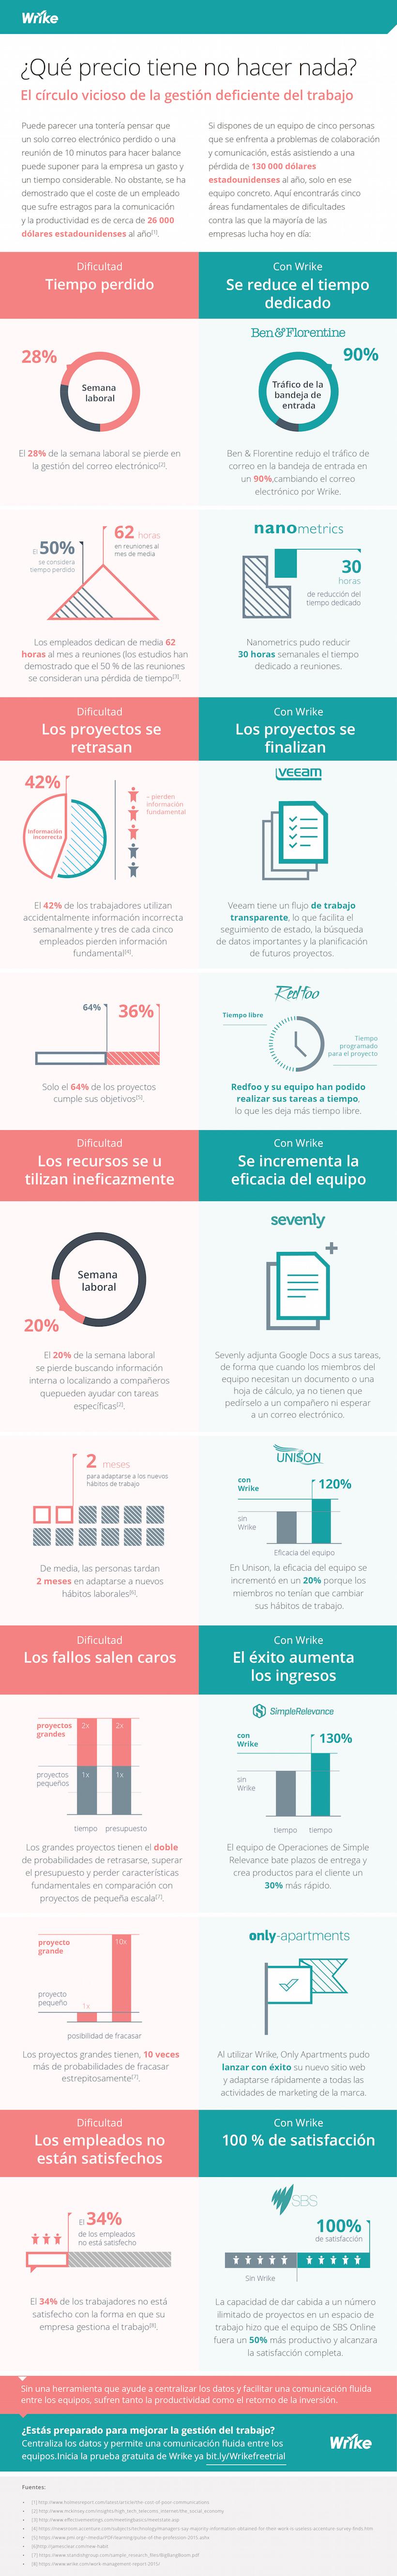 El alto precio de no hacer nada por mejorar la gestión del trabajo (#infographic)